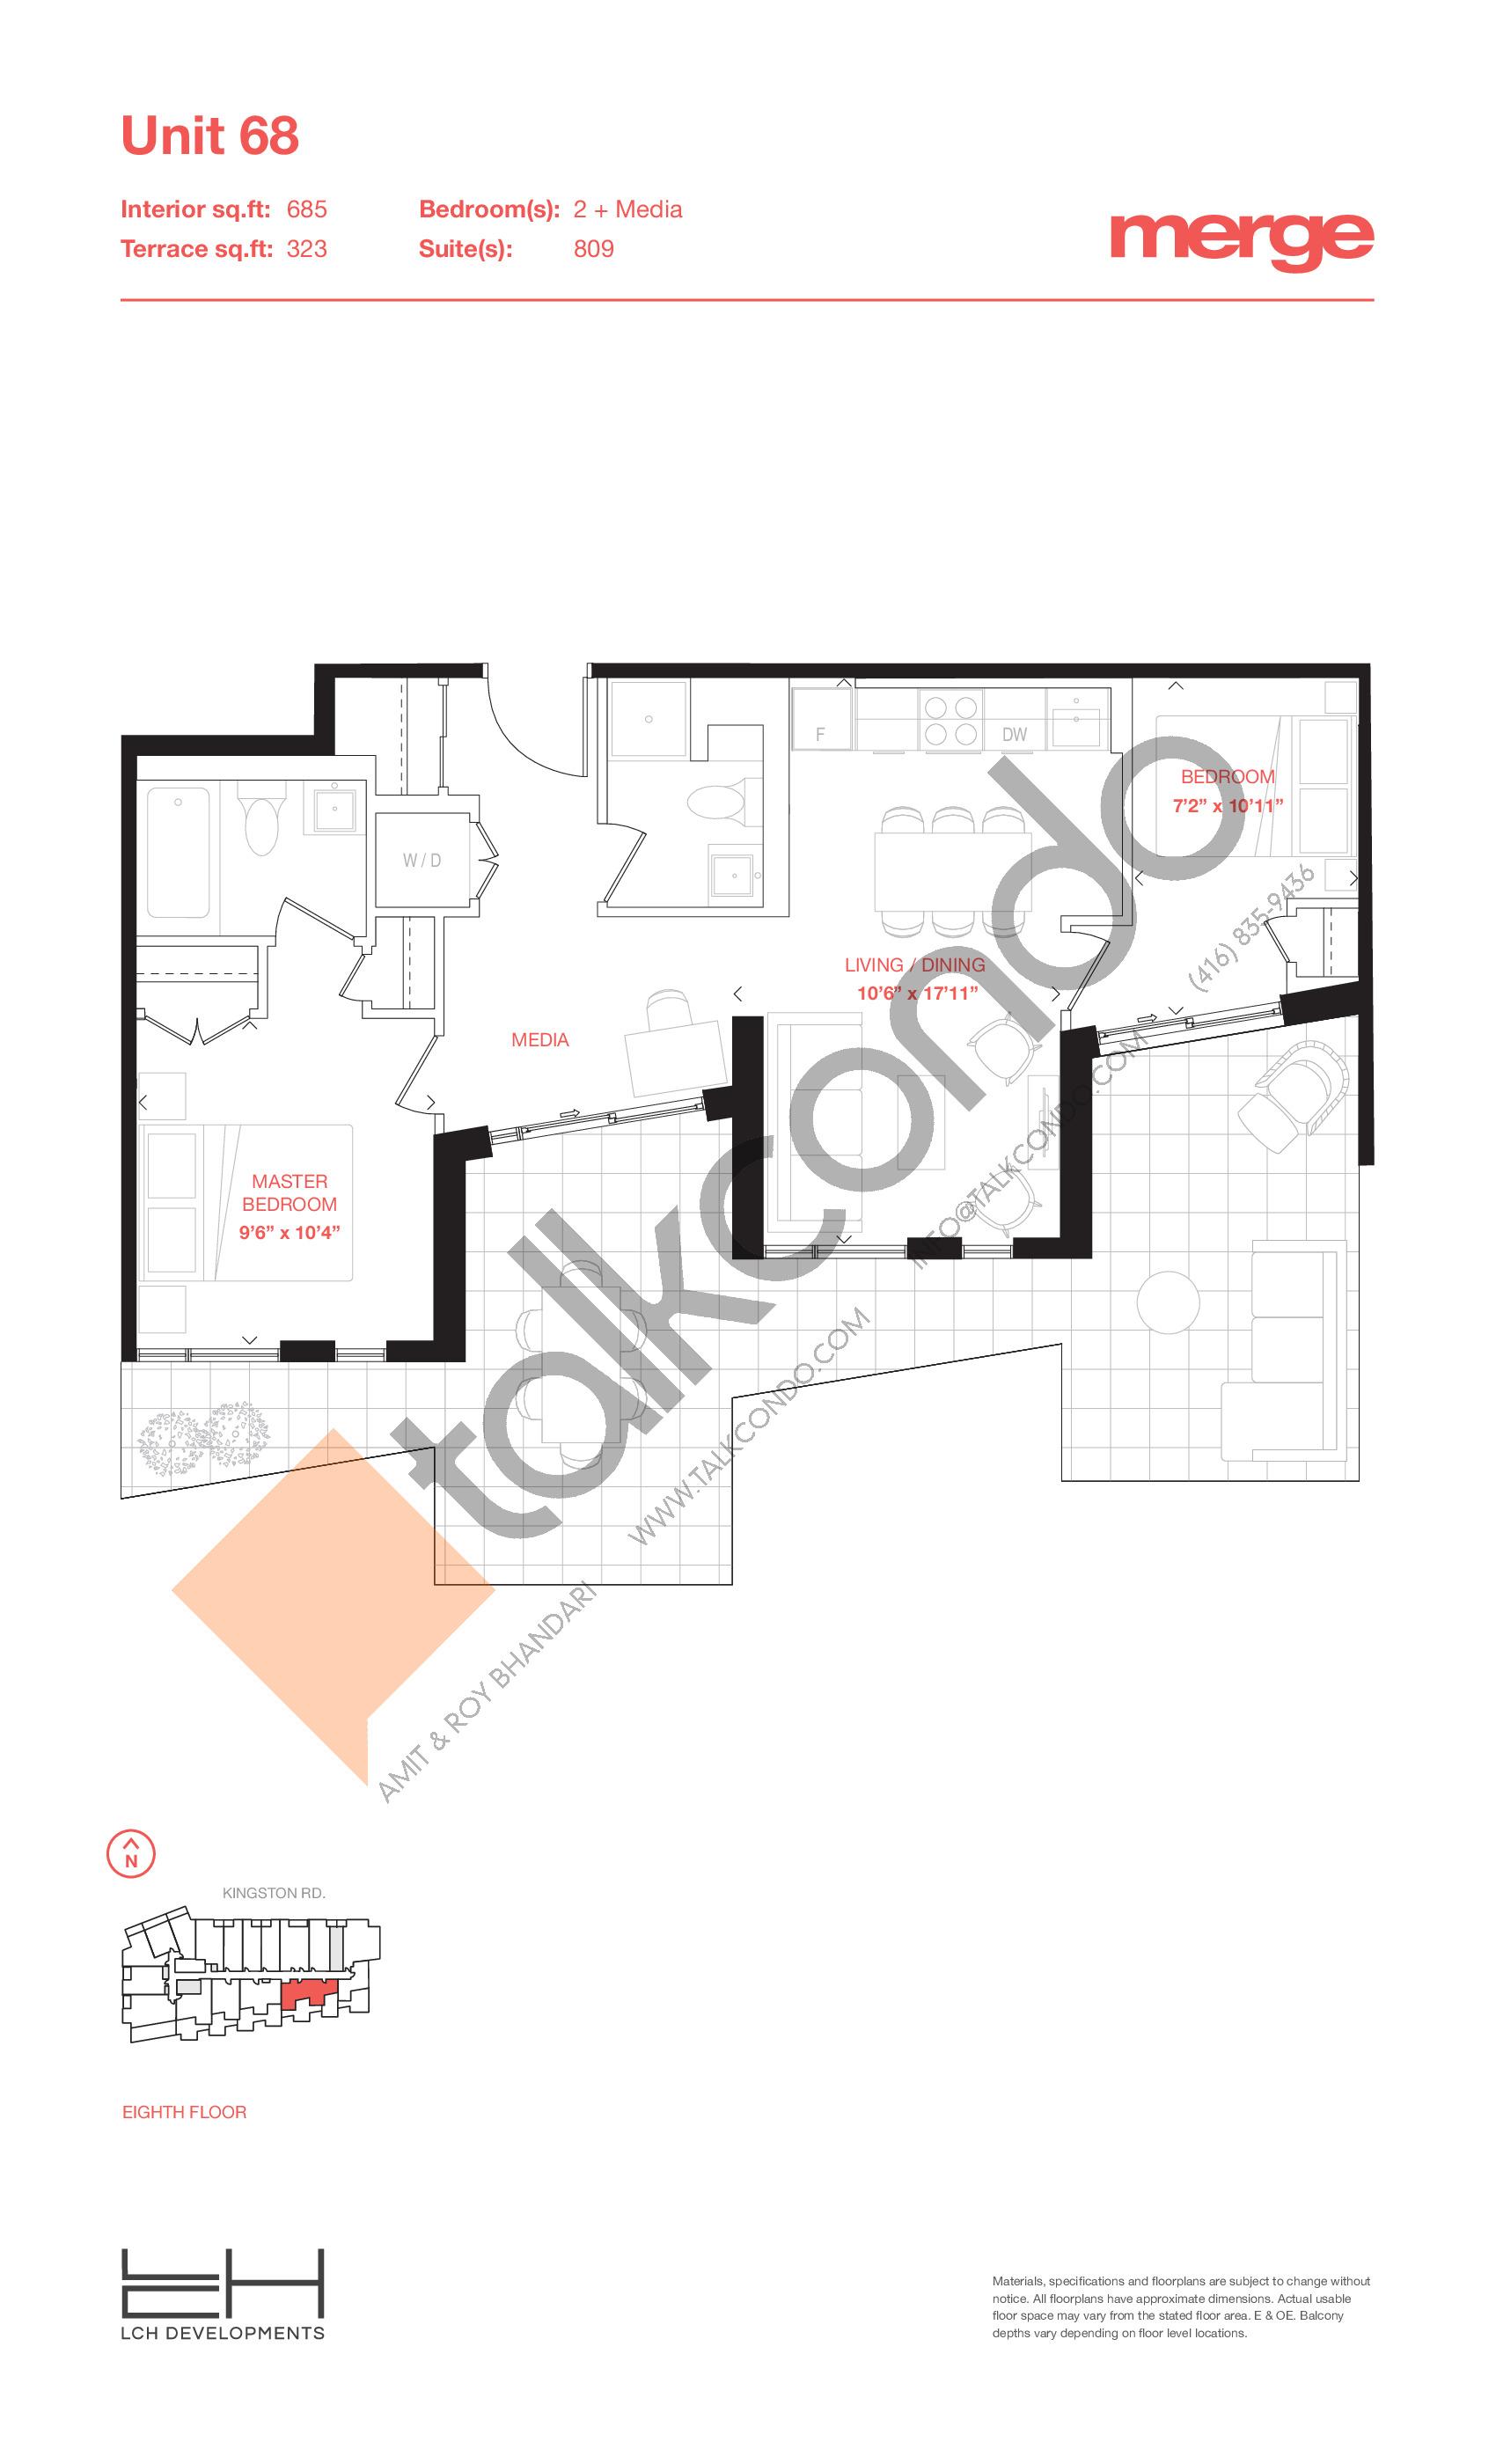 Unit 68 - Terraces Floor Plan at Merge Condos - 685 sq.ft